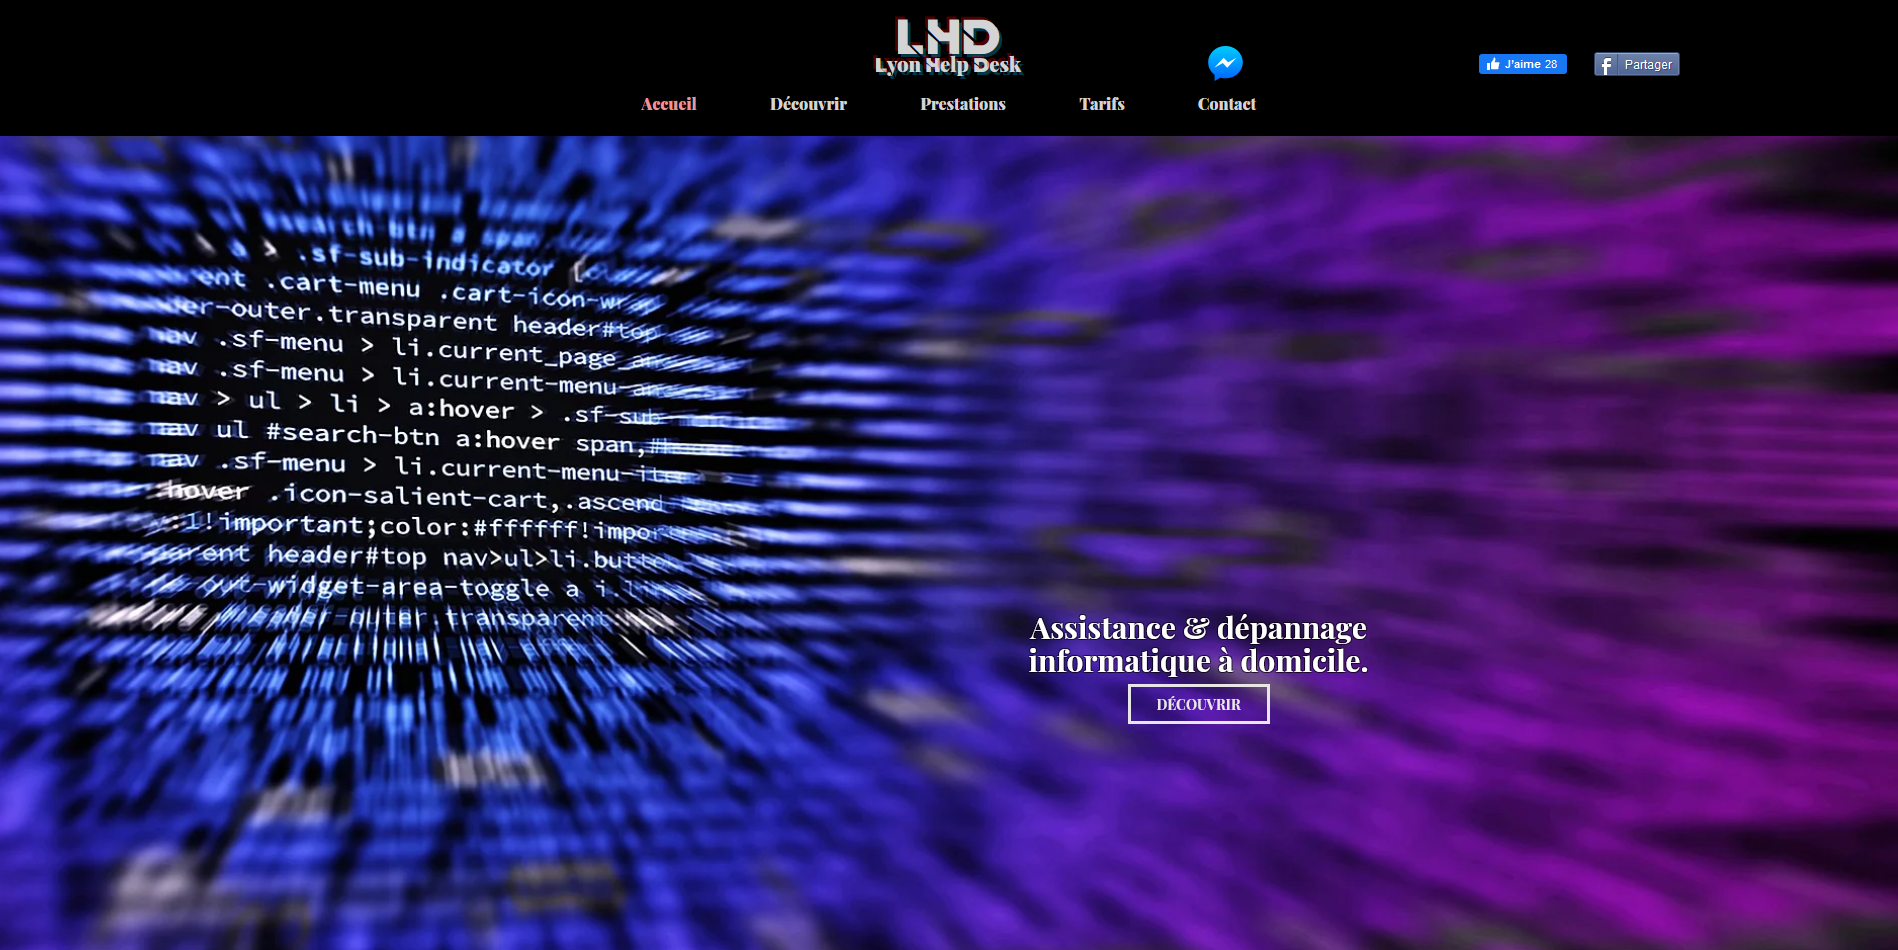 LHD | Lyon Help Desk